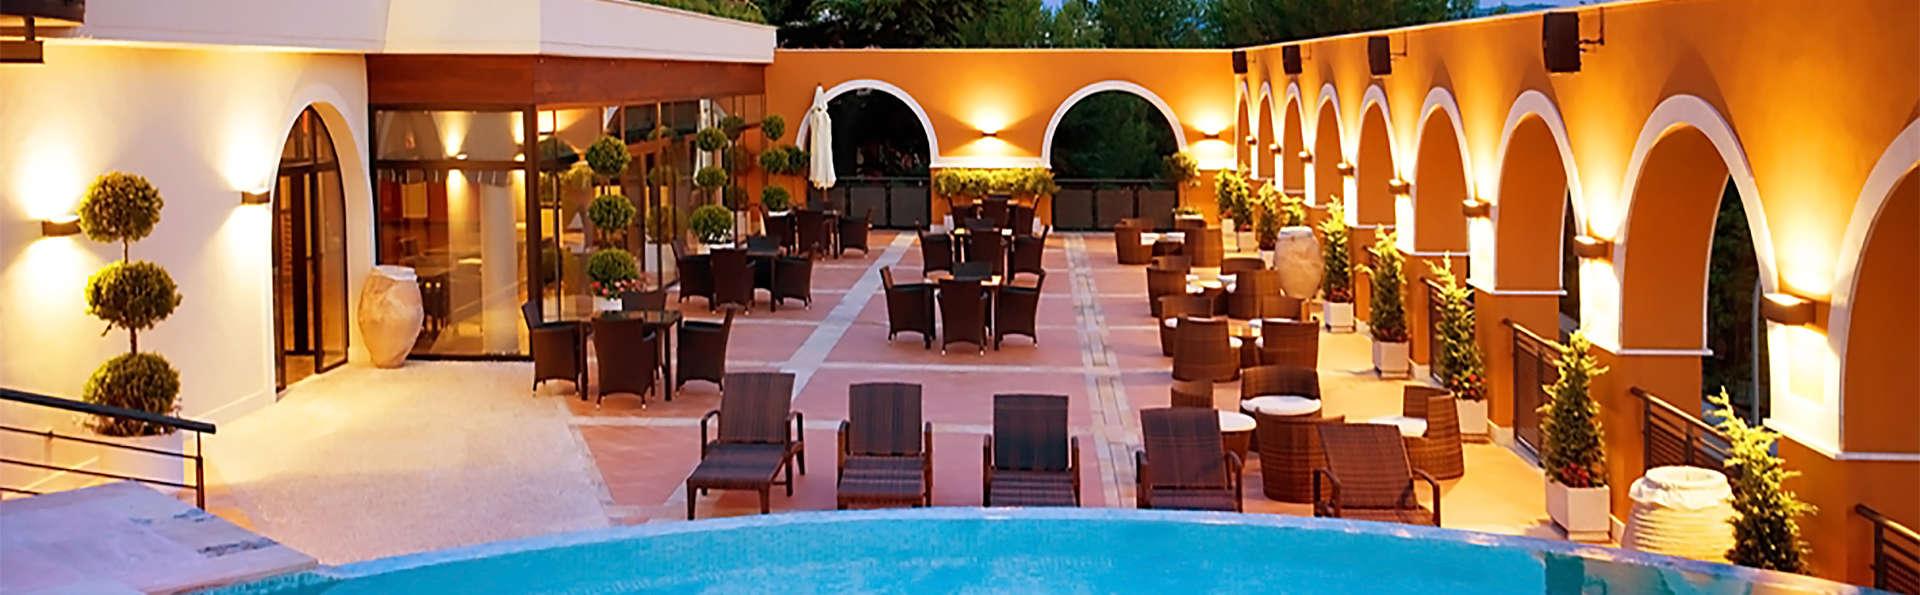 Hotel Balneario Paracuellos de Jiloca - EDIT_pool3.jpg